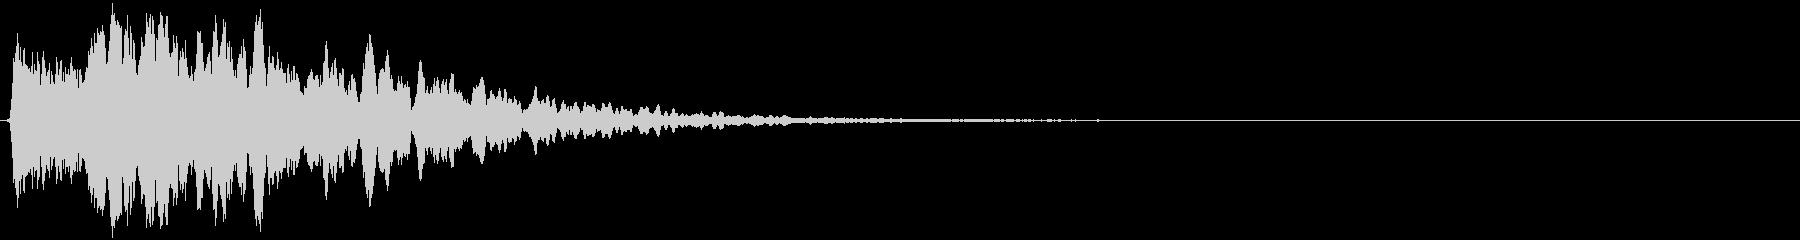 RPG系魔法発動予兆イメージ音の未再生の波形